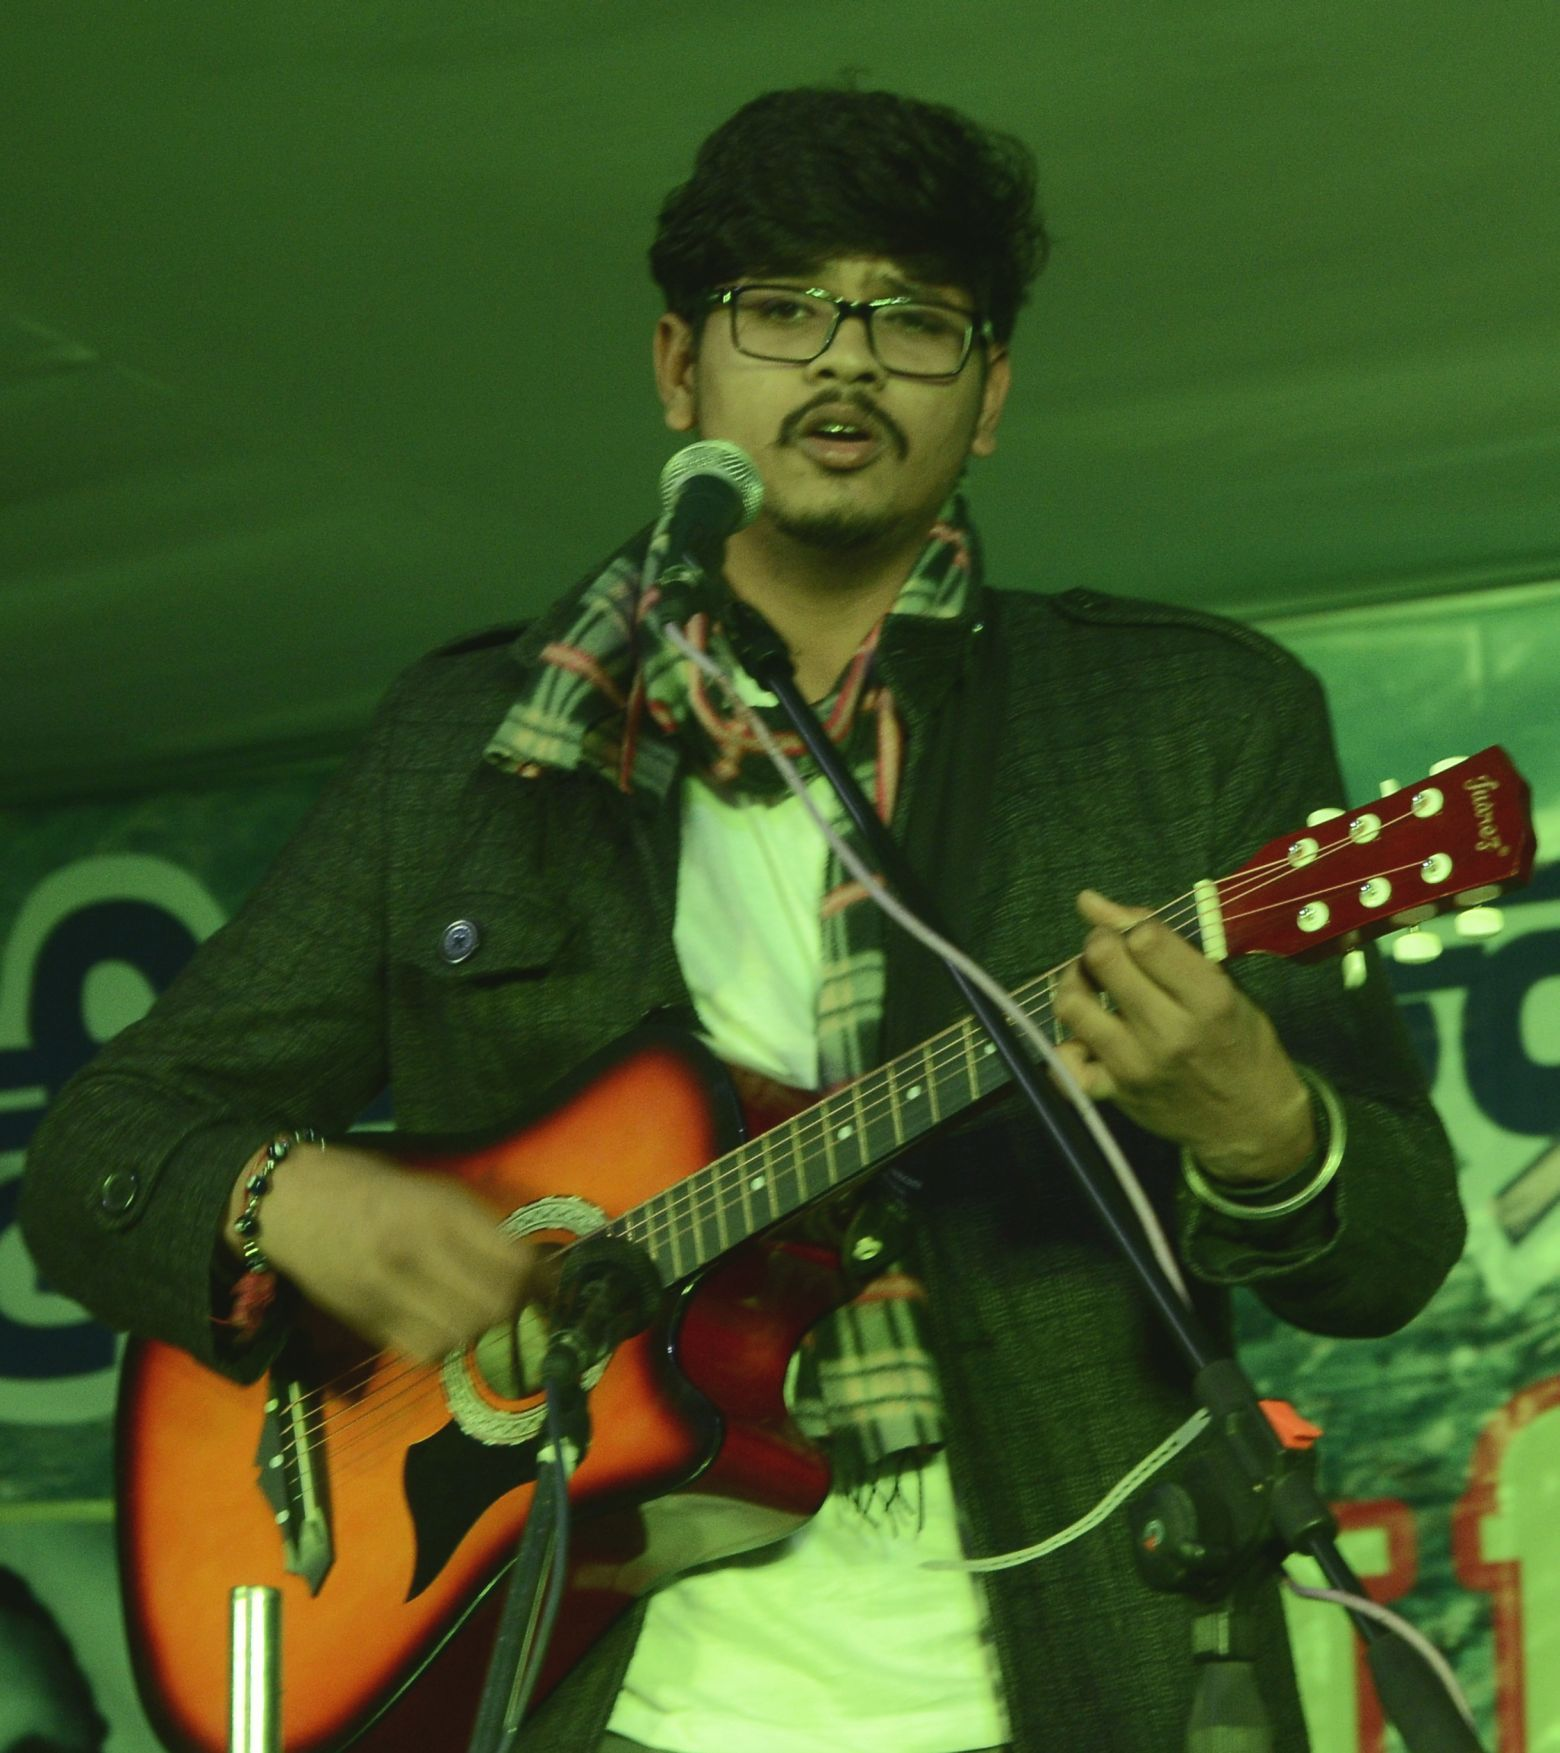 कीर्तिनगर में शहीद नागेंद्र सकलानी व मोलू भरदारी स्मृति मेले के समापन अवसर पर गानो की प्रस्तुति ?